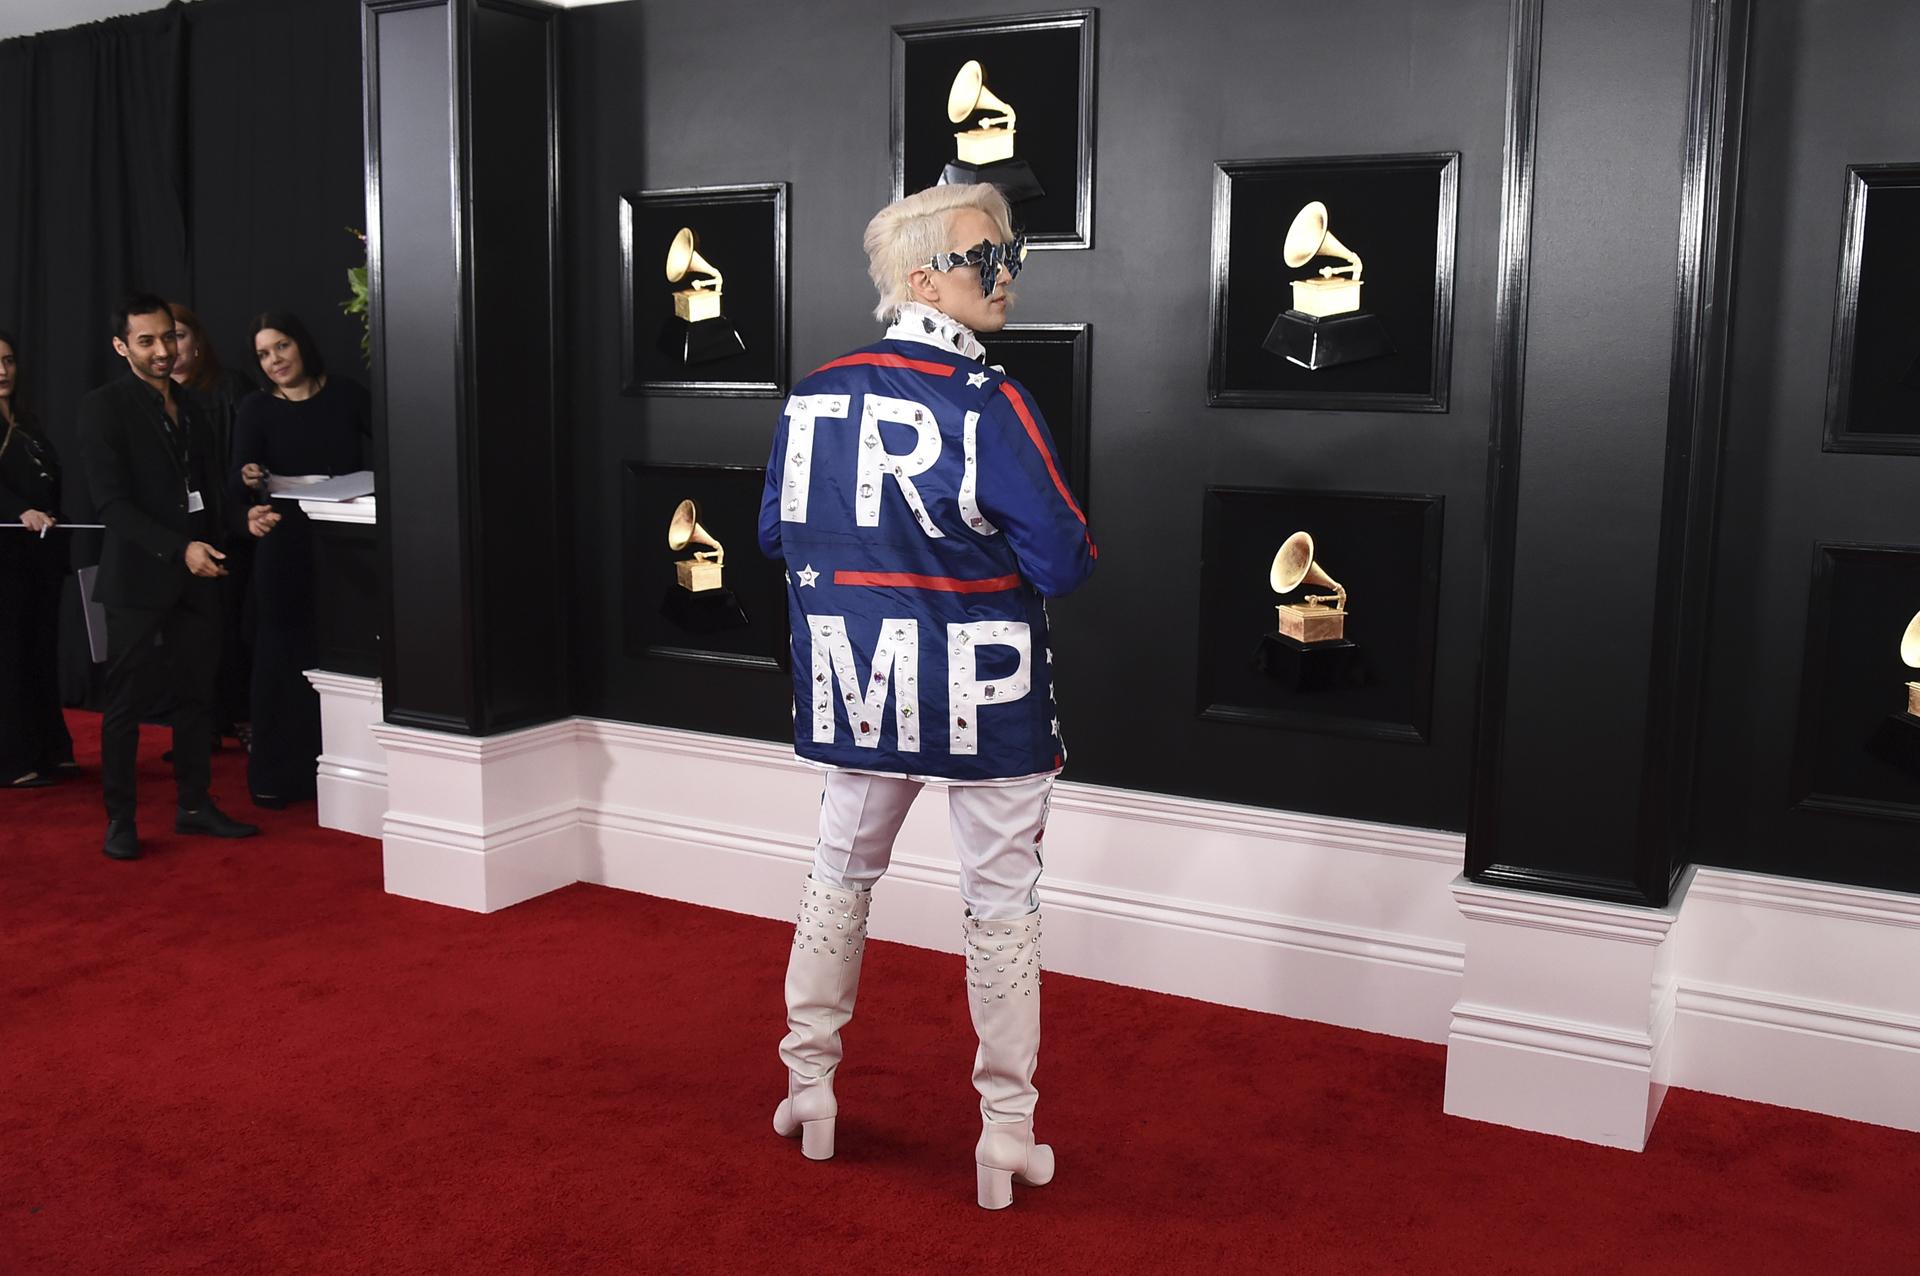 Ricky Rebel hizo tributo al presidente Donald Tump con un polémico traje. En su saco decía el apellido del mandatario